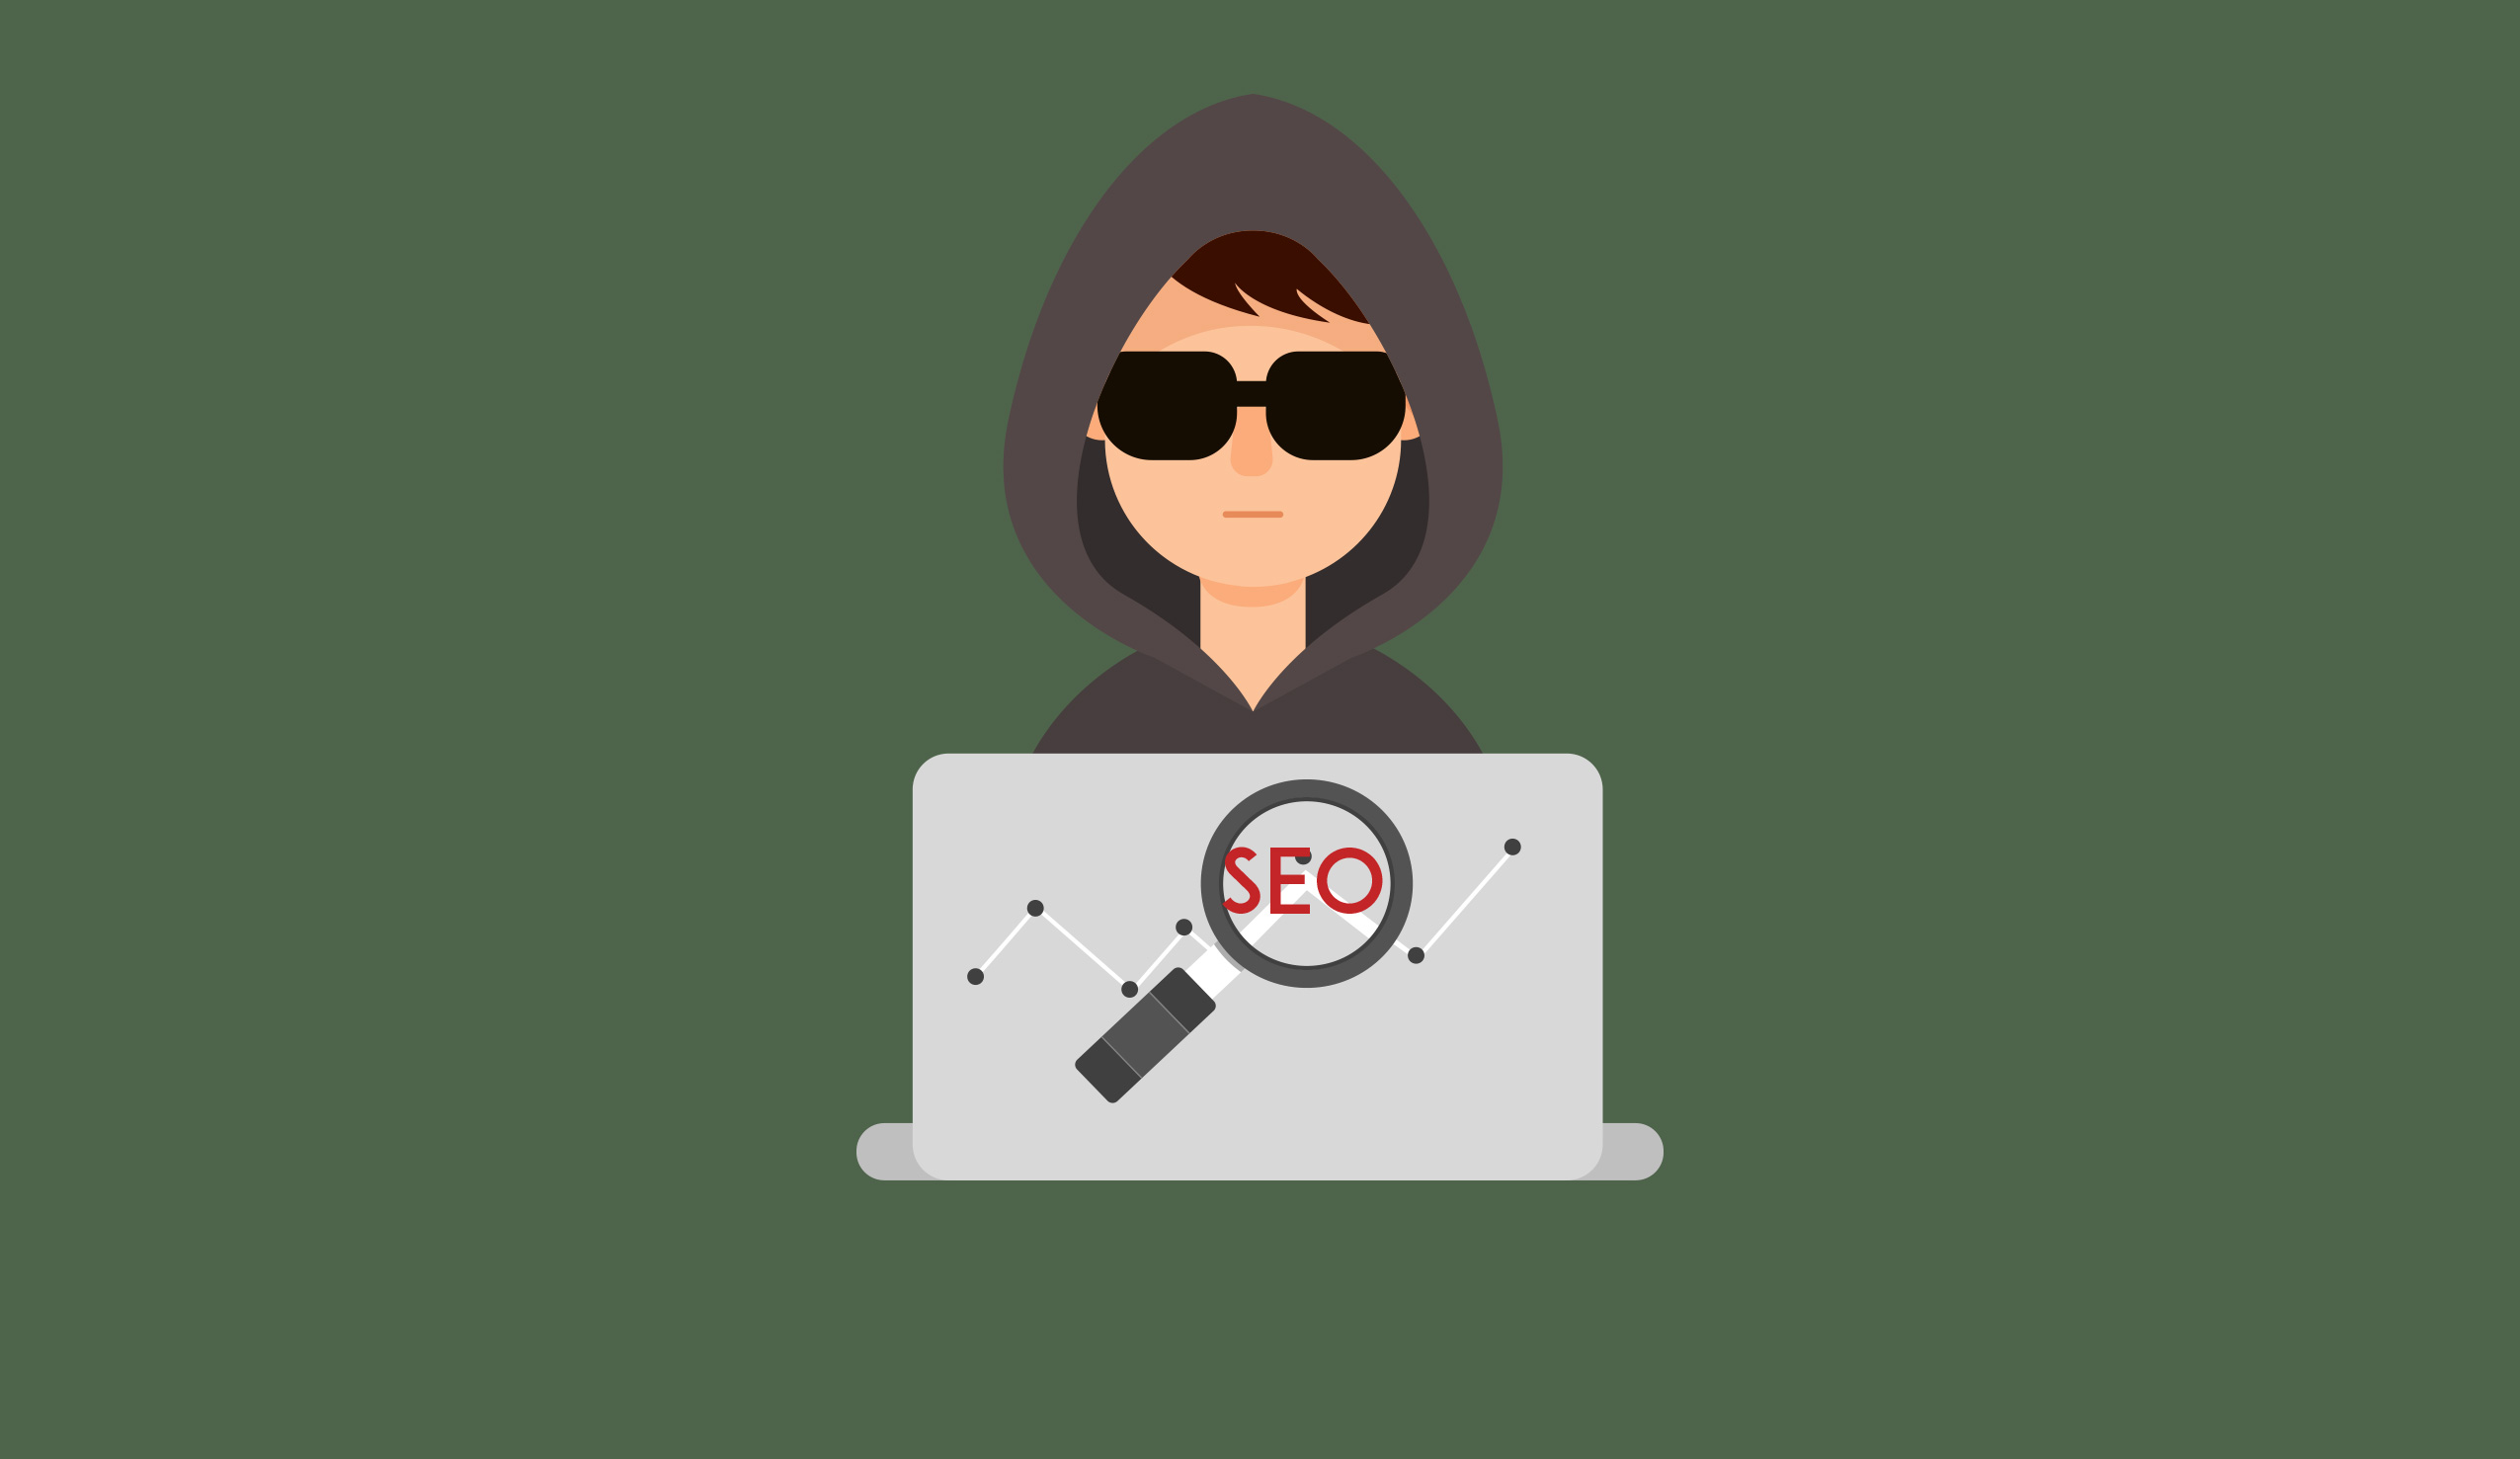 Il 51% dei siti viene hackerato per scopi SEO